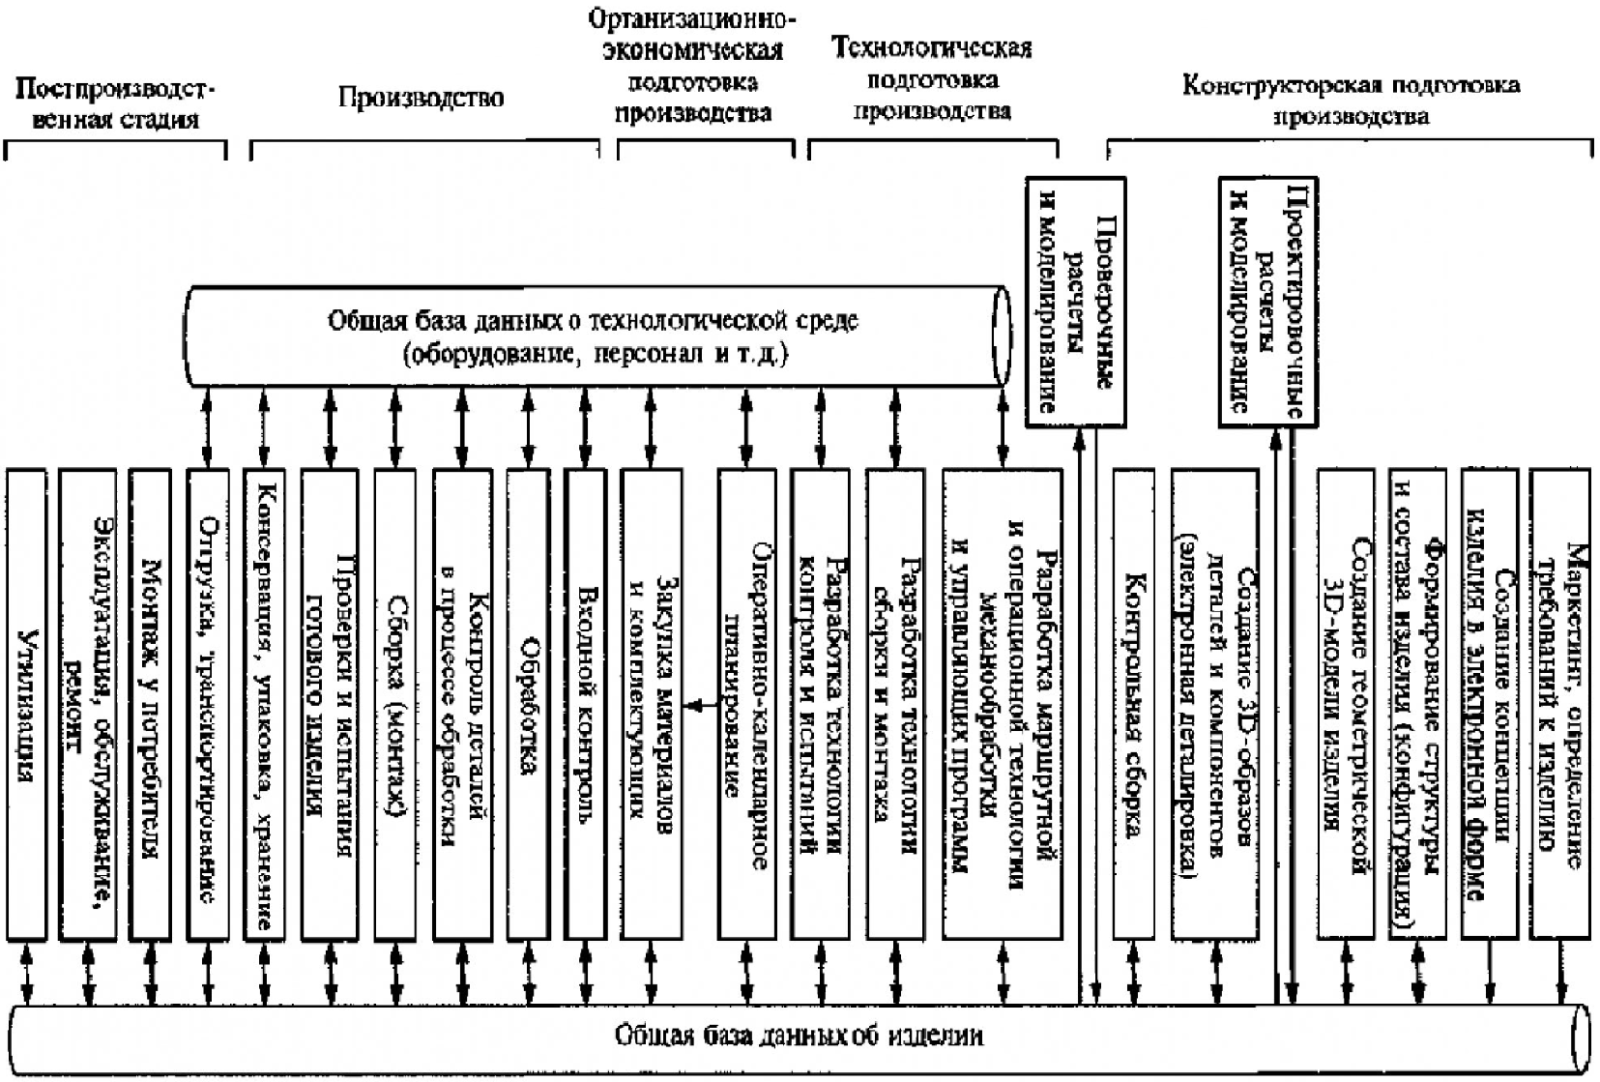 Формирование системы информационного обеспечения интегрированного производственного комплекса 2